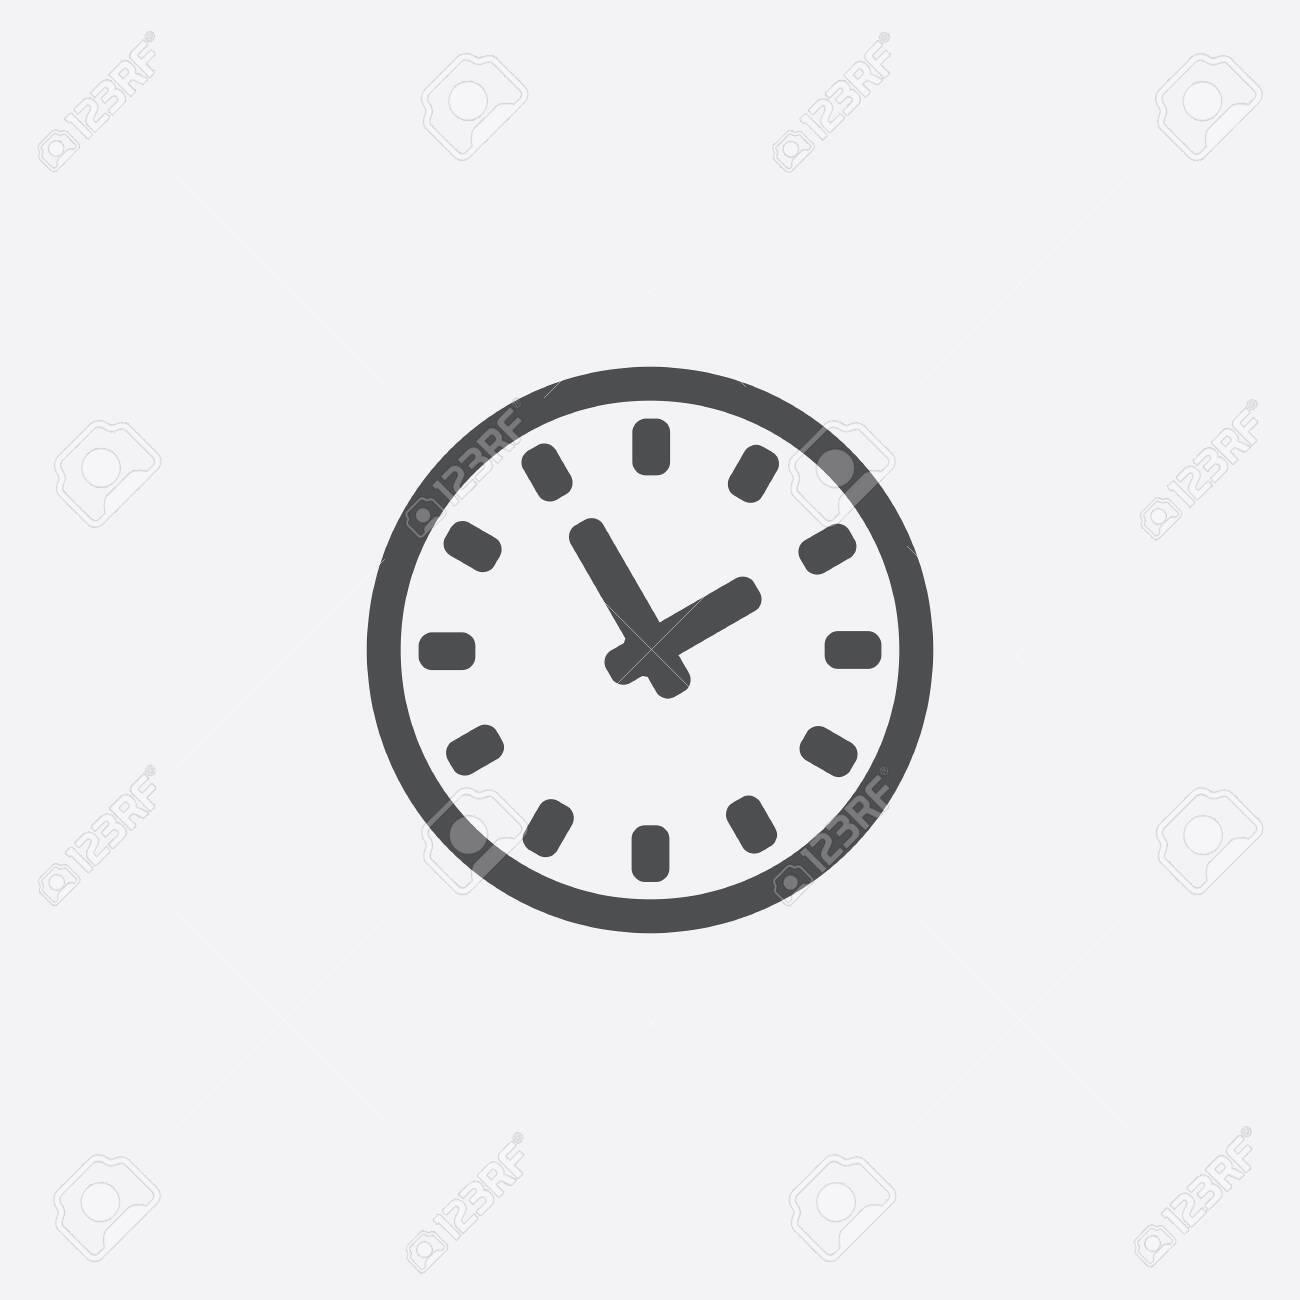 time icon - 143431836